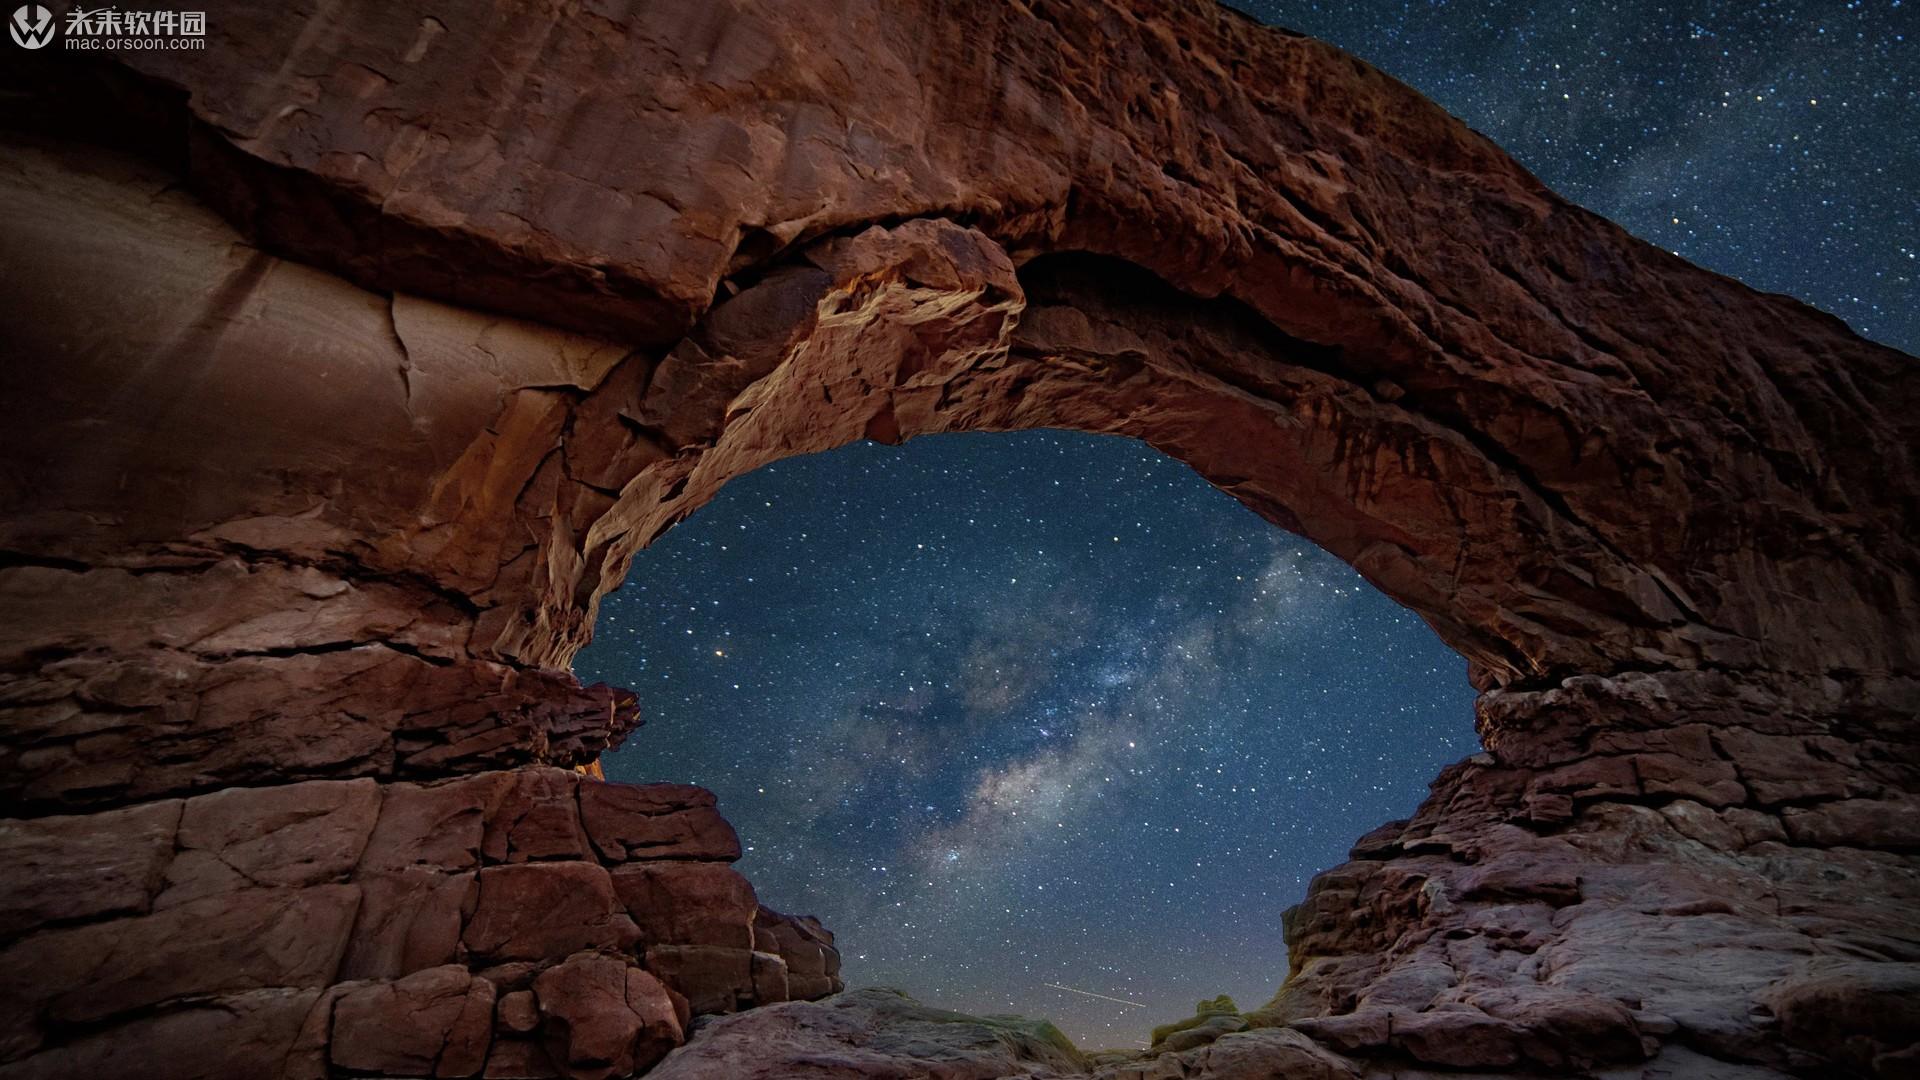 岩石夜空桌面高清动态壁纸